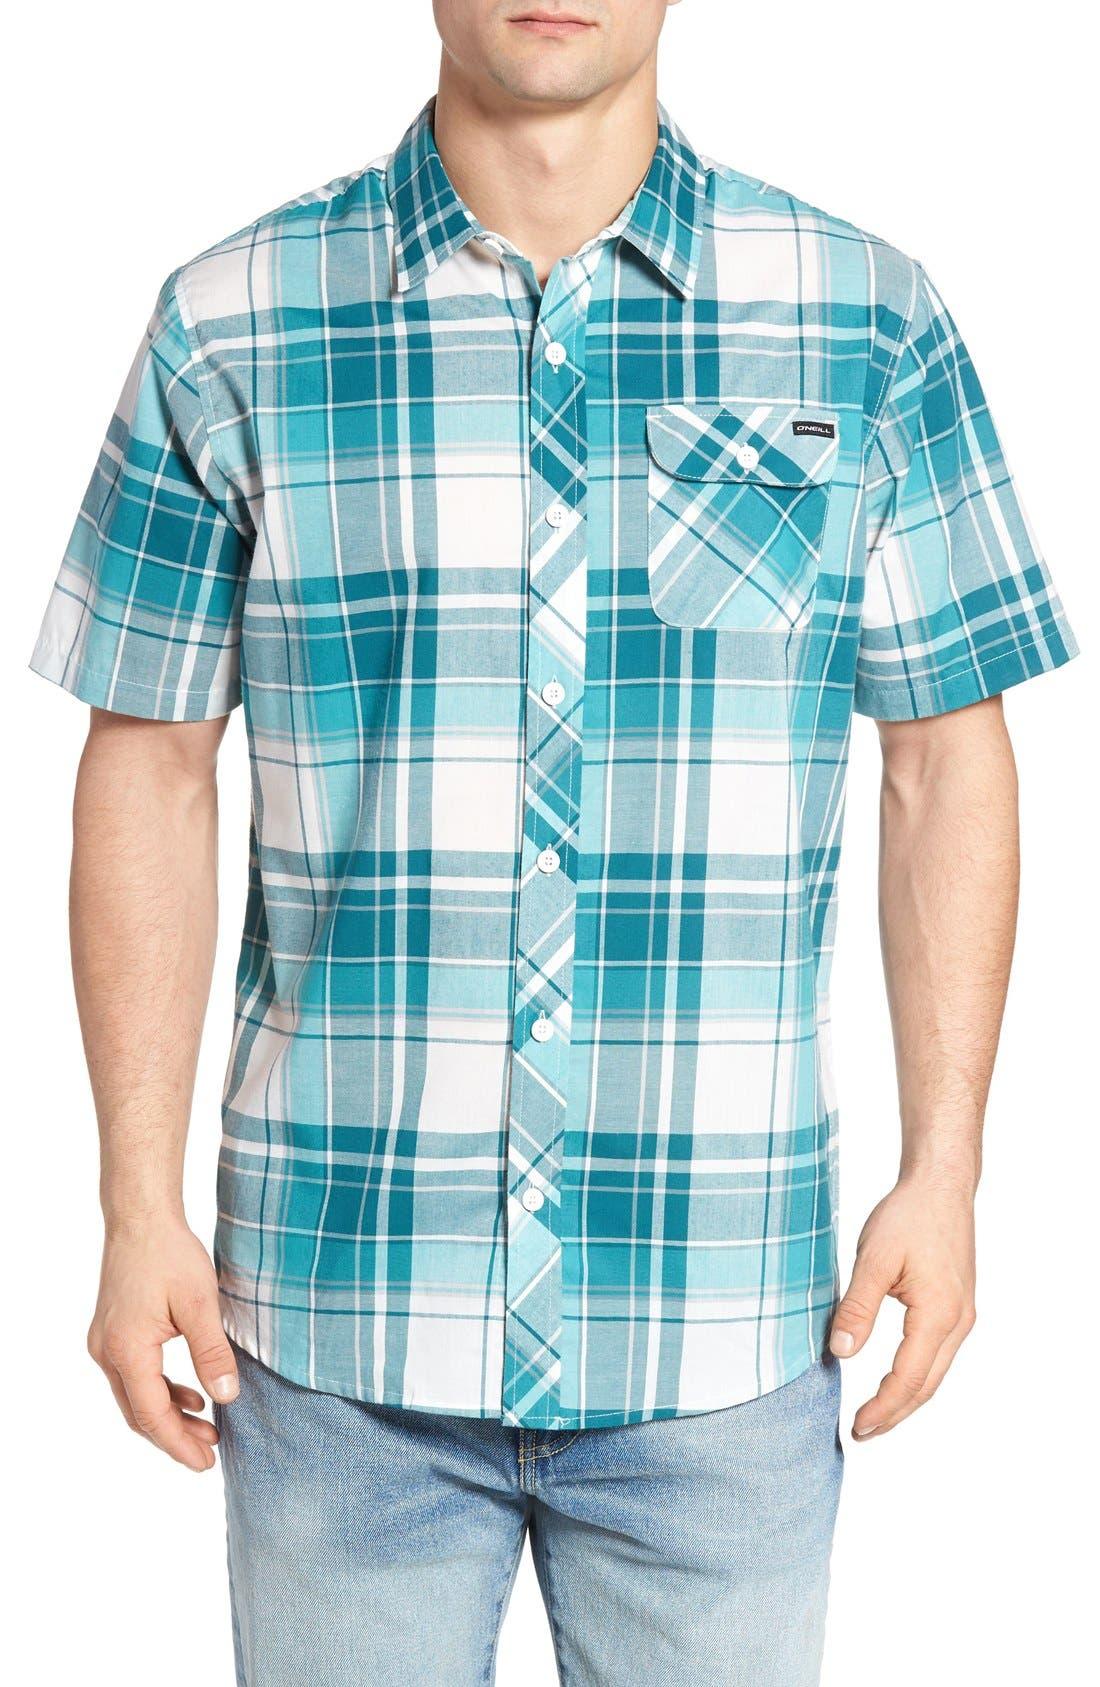 ONEILL Plaid Woven Shirt